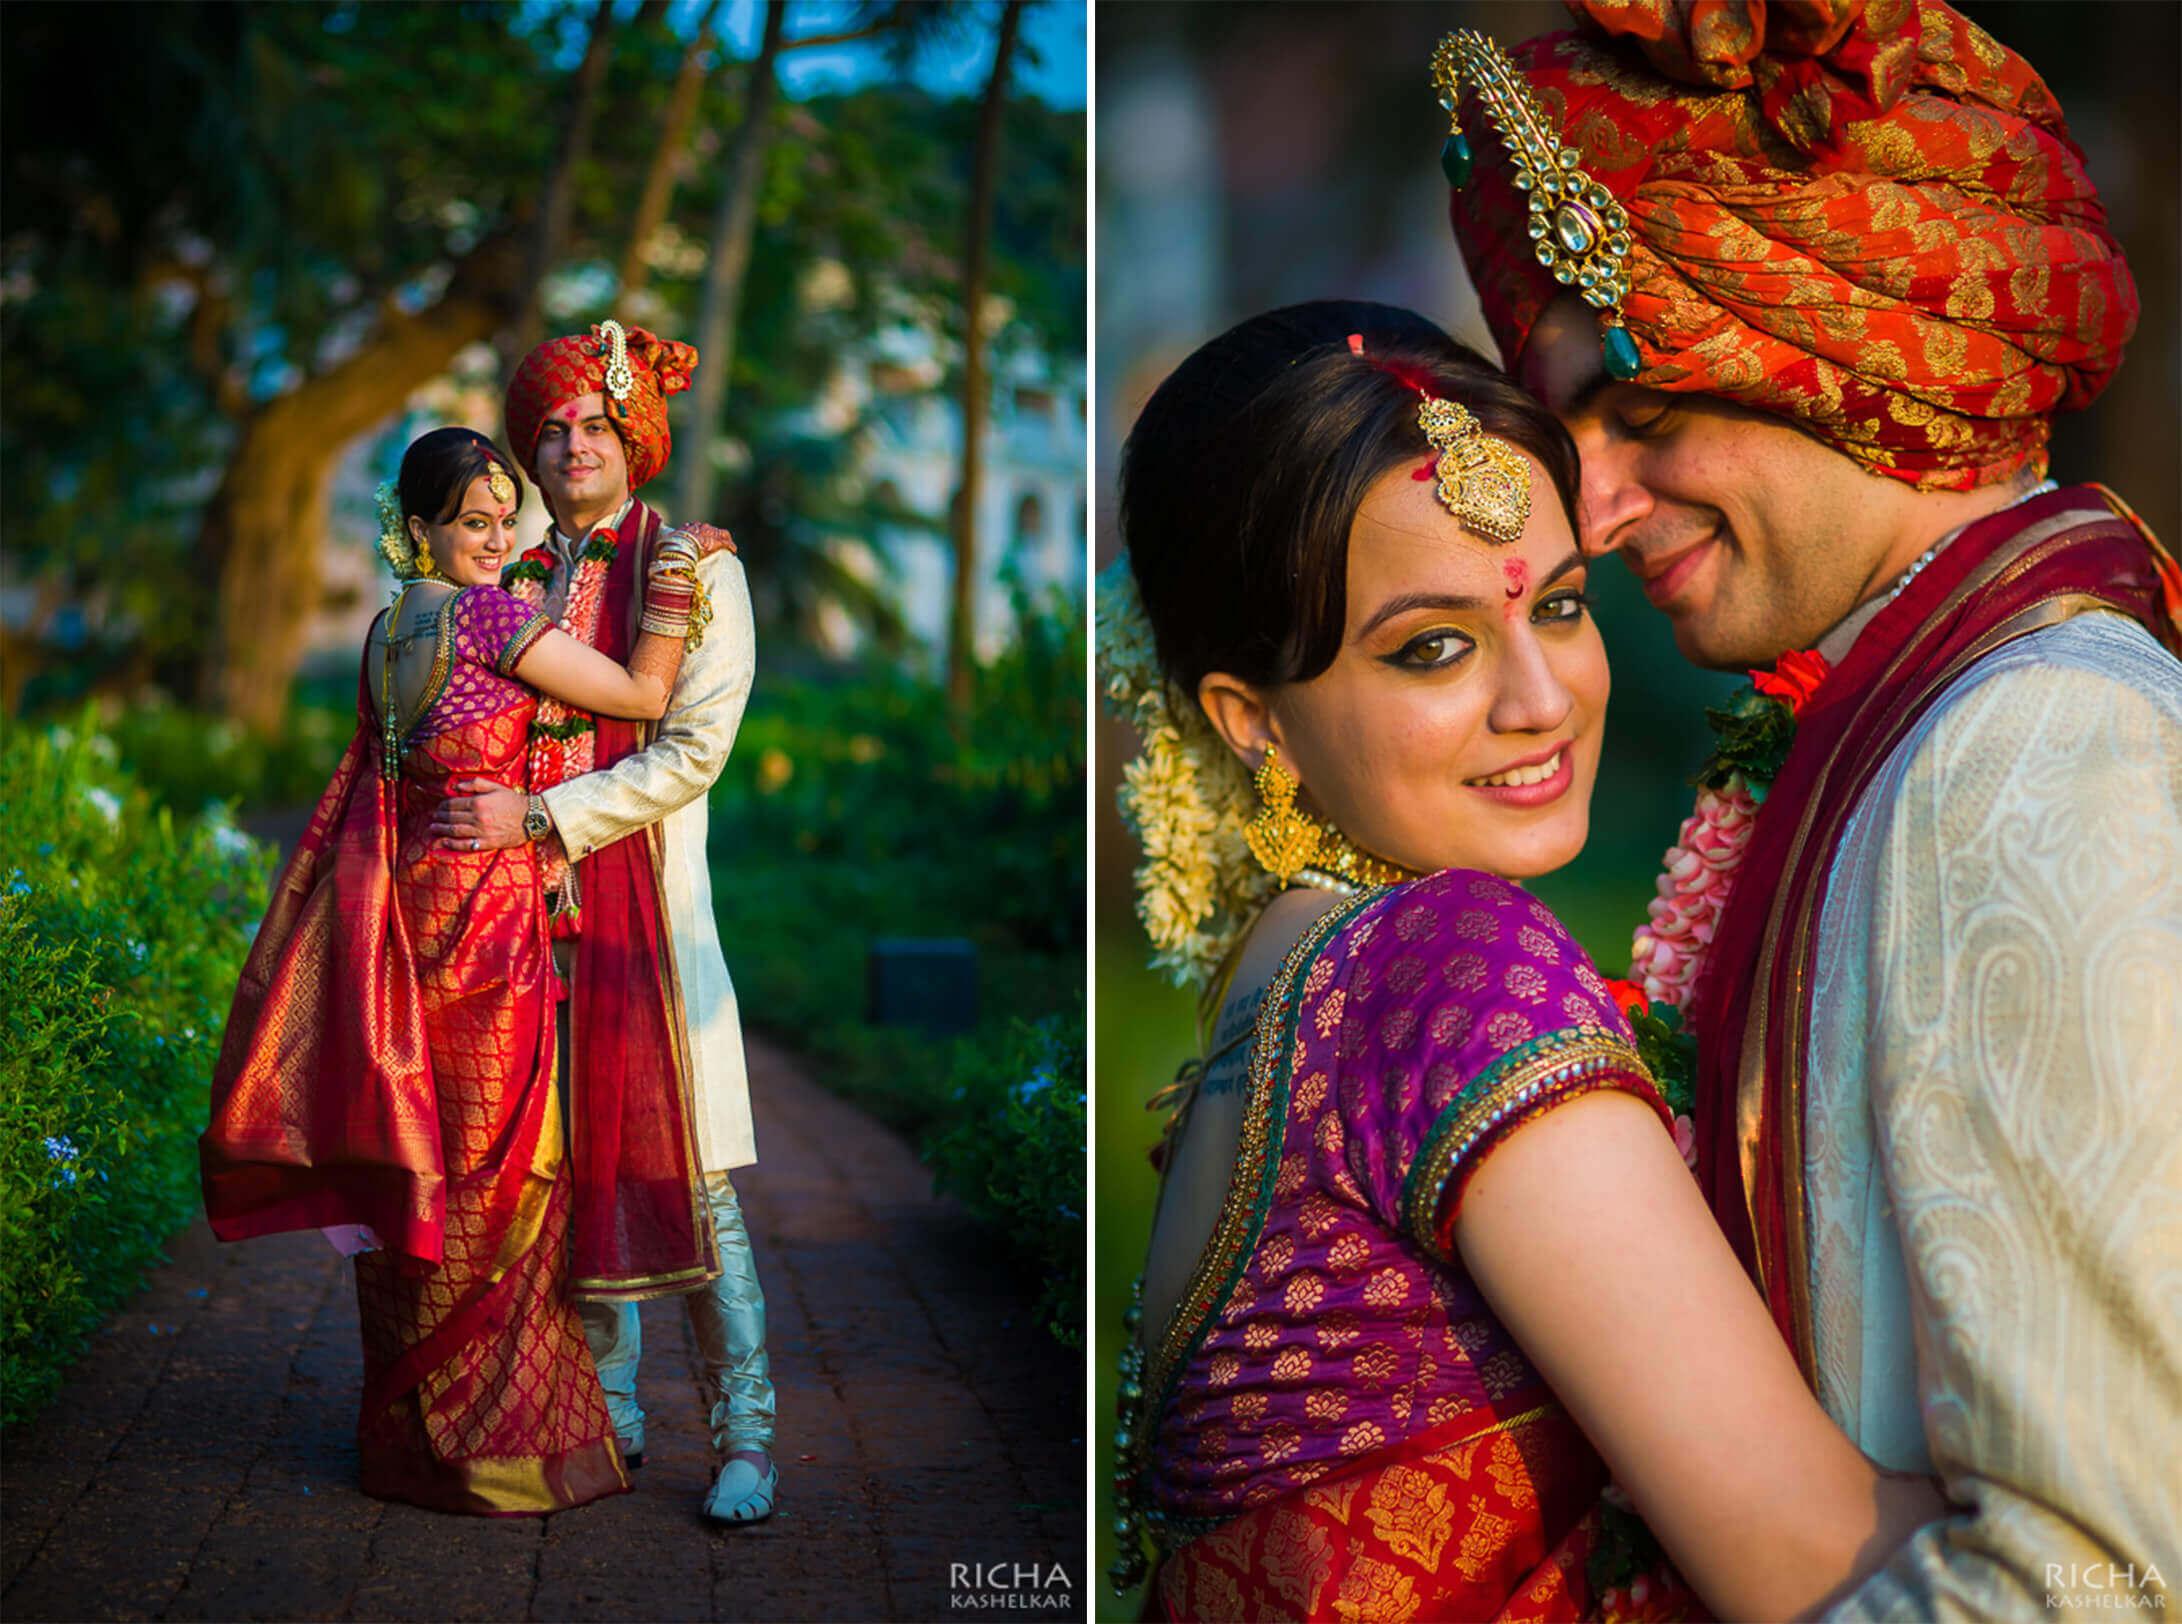 Richaka Shelkar Mumbai Photographer